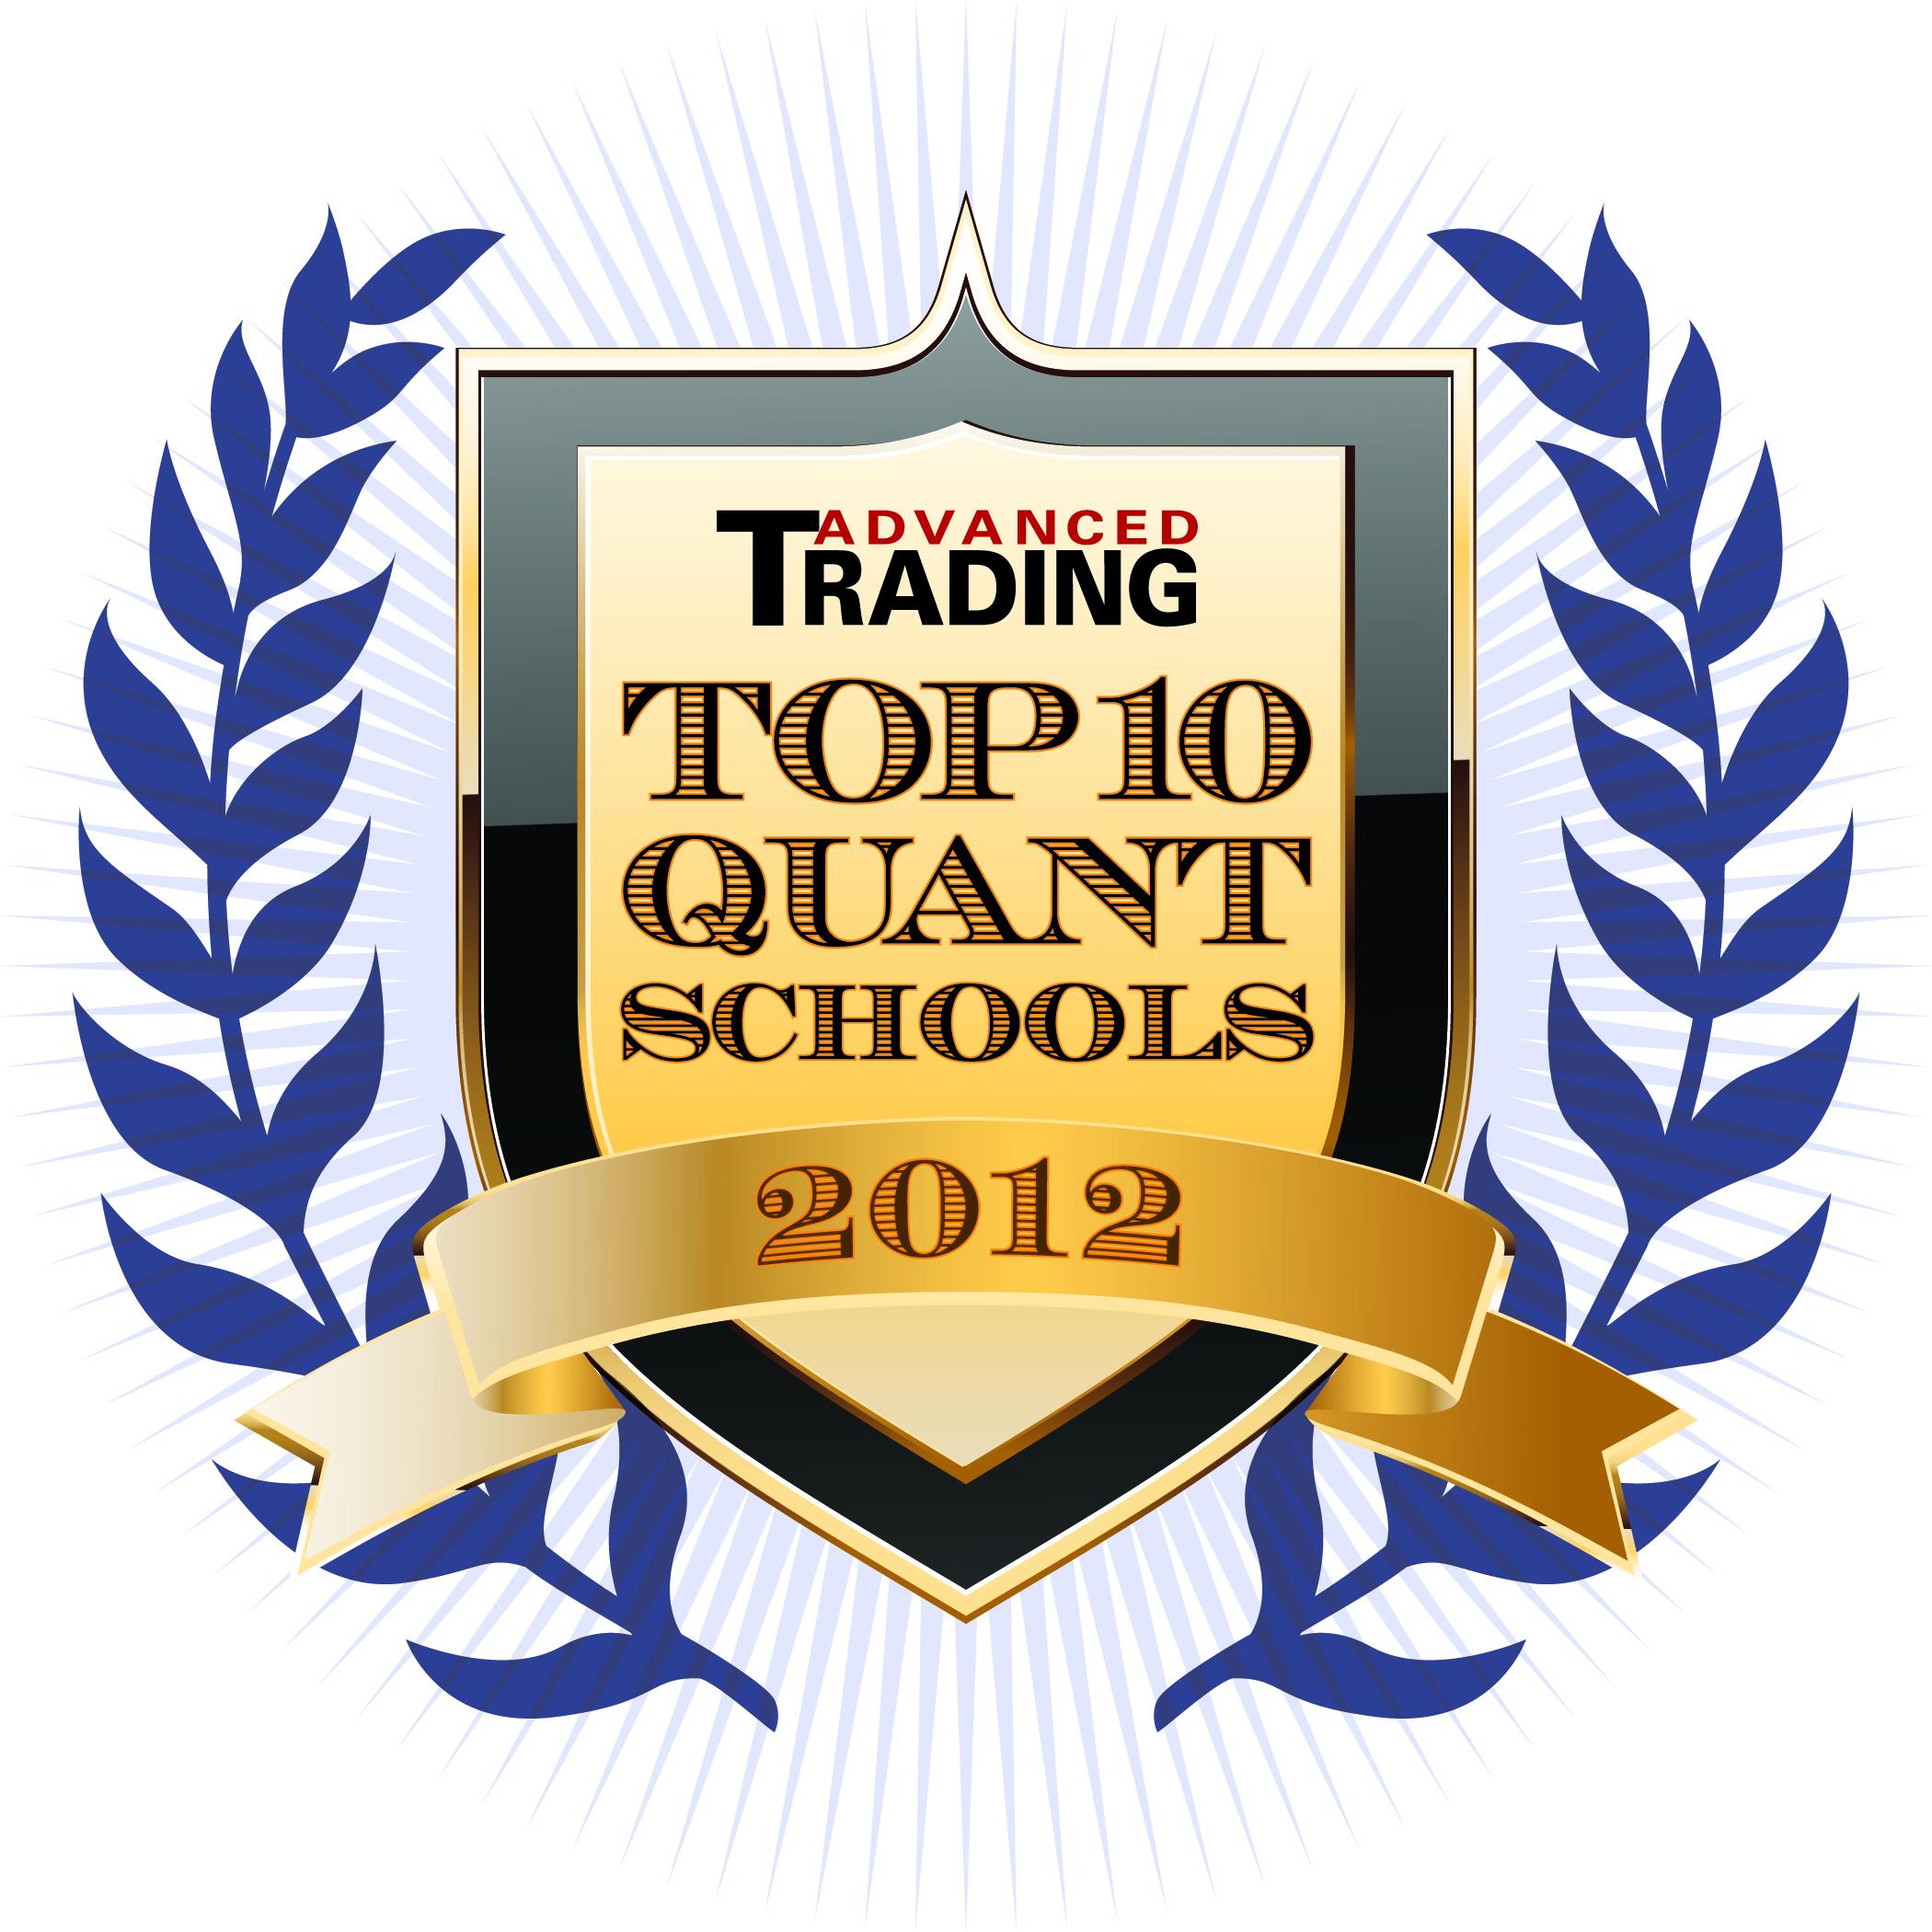 Top 10 Quant Schools of 2012